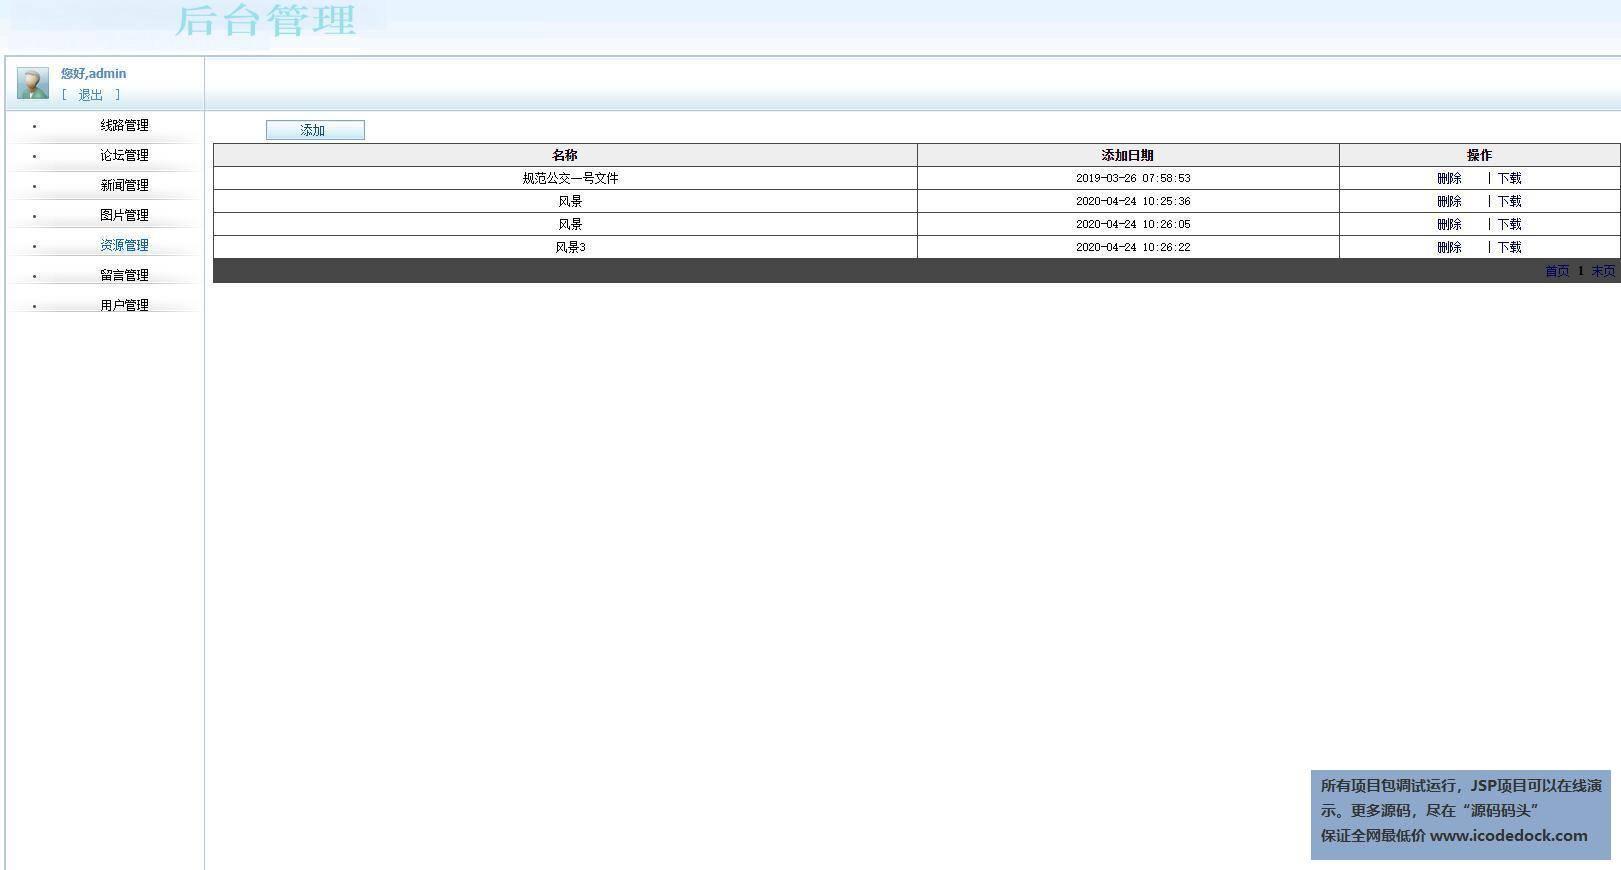 源码码头-SSH公交路线查询网站系统-管理员角色-资源管理